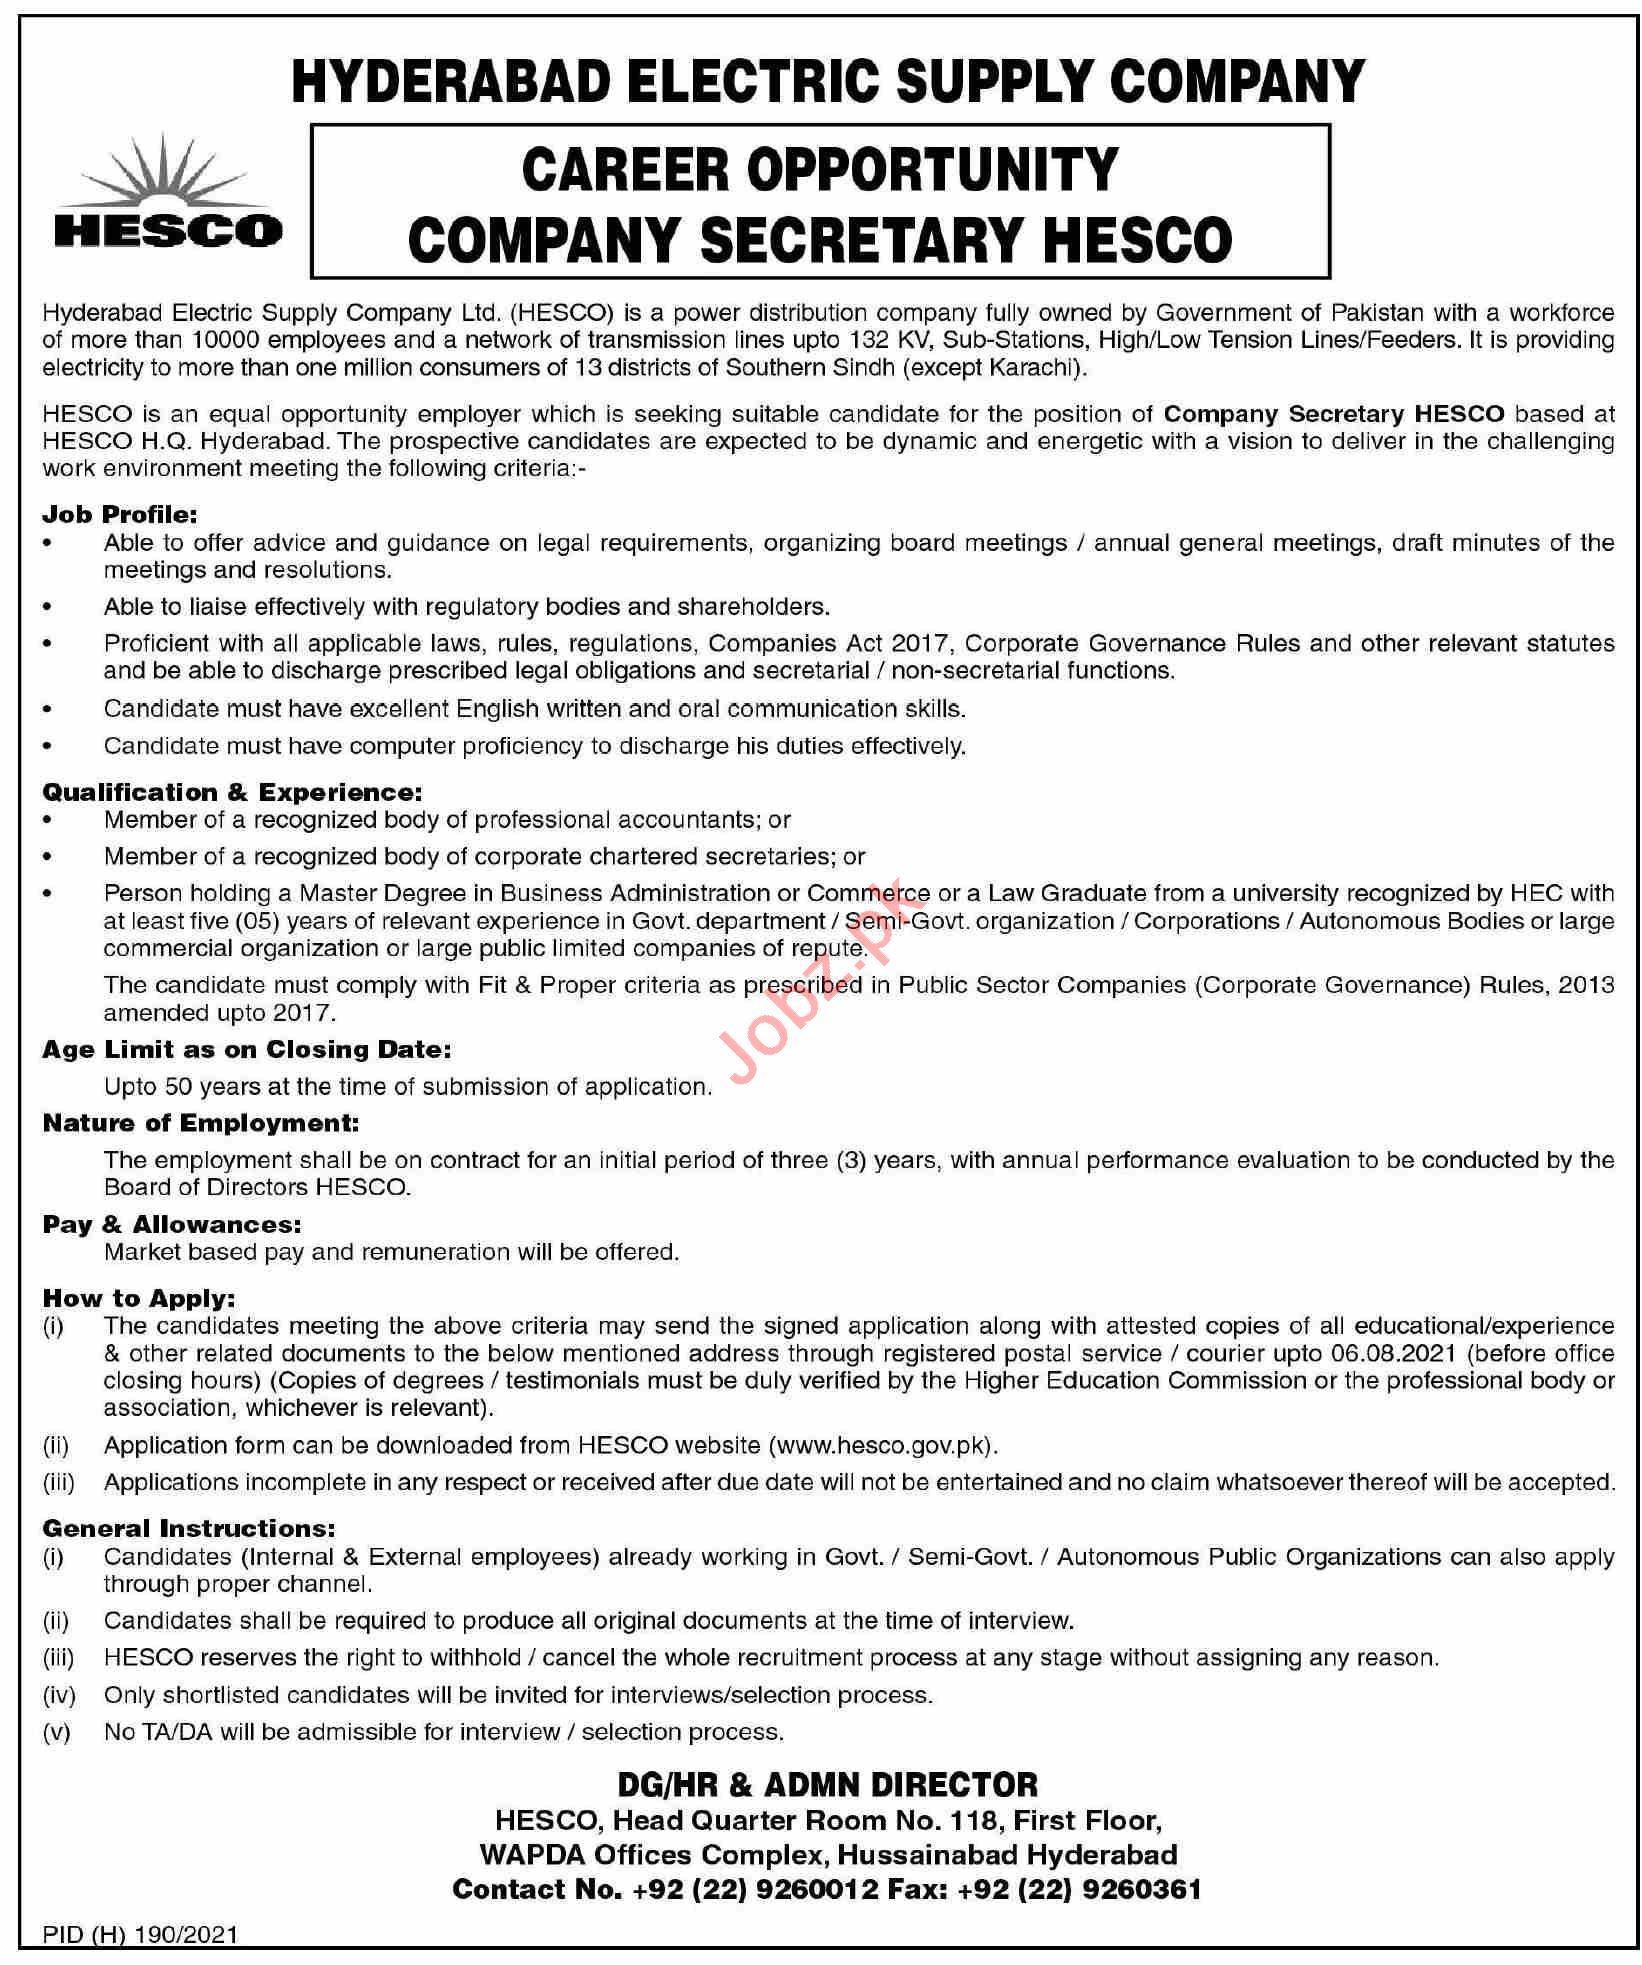 Hyderabad Electric Supply Company HESCO Jobs 2021 Secretary